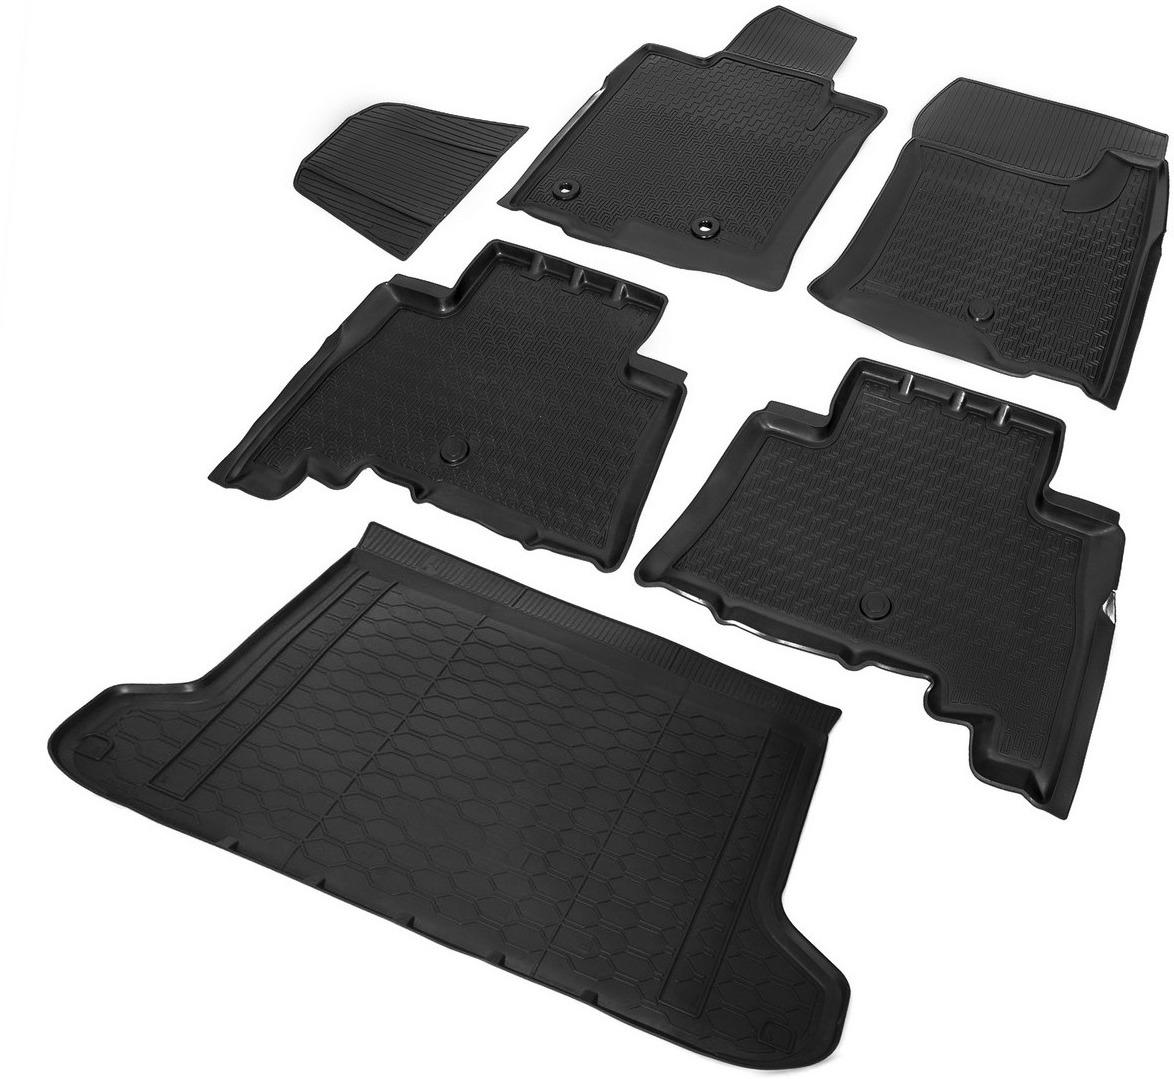 Комплект ковриков салона и багажника Rival для Toyota Land Cruiser Prado 150 5-дв. (5 мест) 2009-2017, полиуретан, с крепежом, с перемычкой, 6 шт. K15704002-1 недорго, оригинальная цена